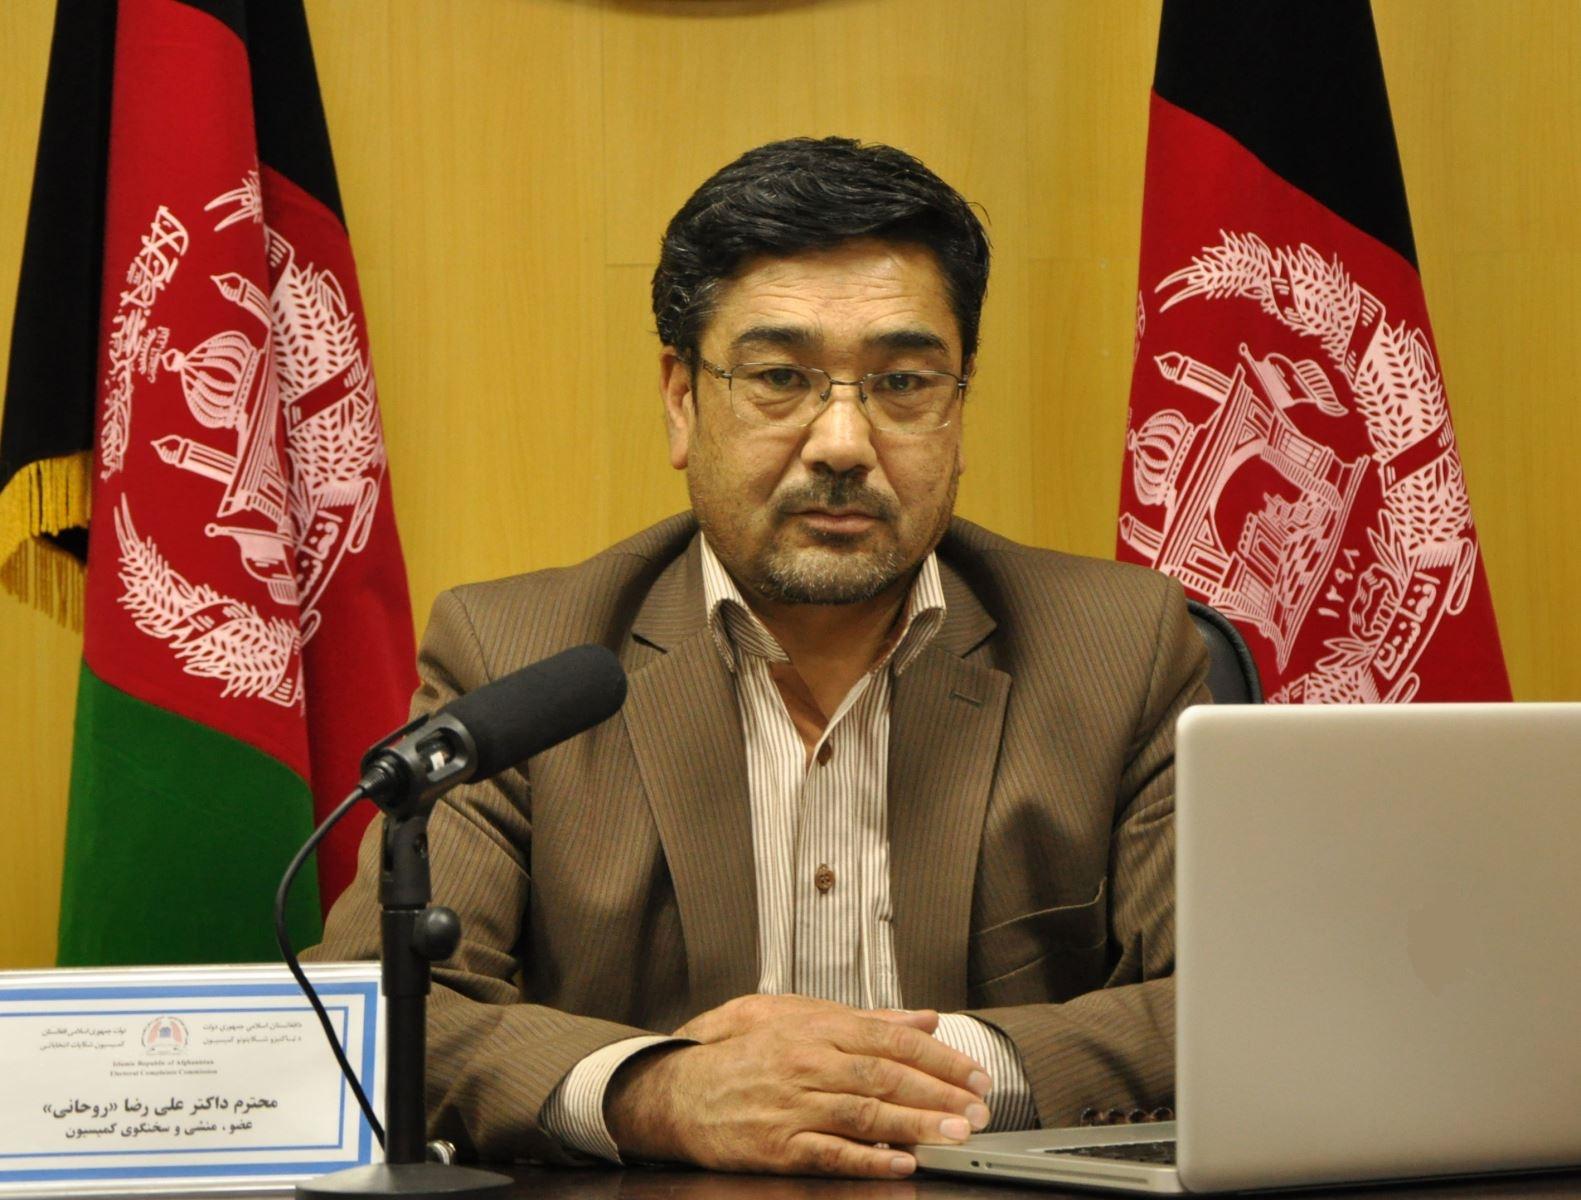 تمام آرای حوزه انتخاباتی کابل باطل اعلام شد